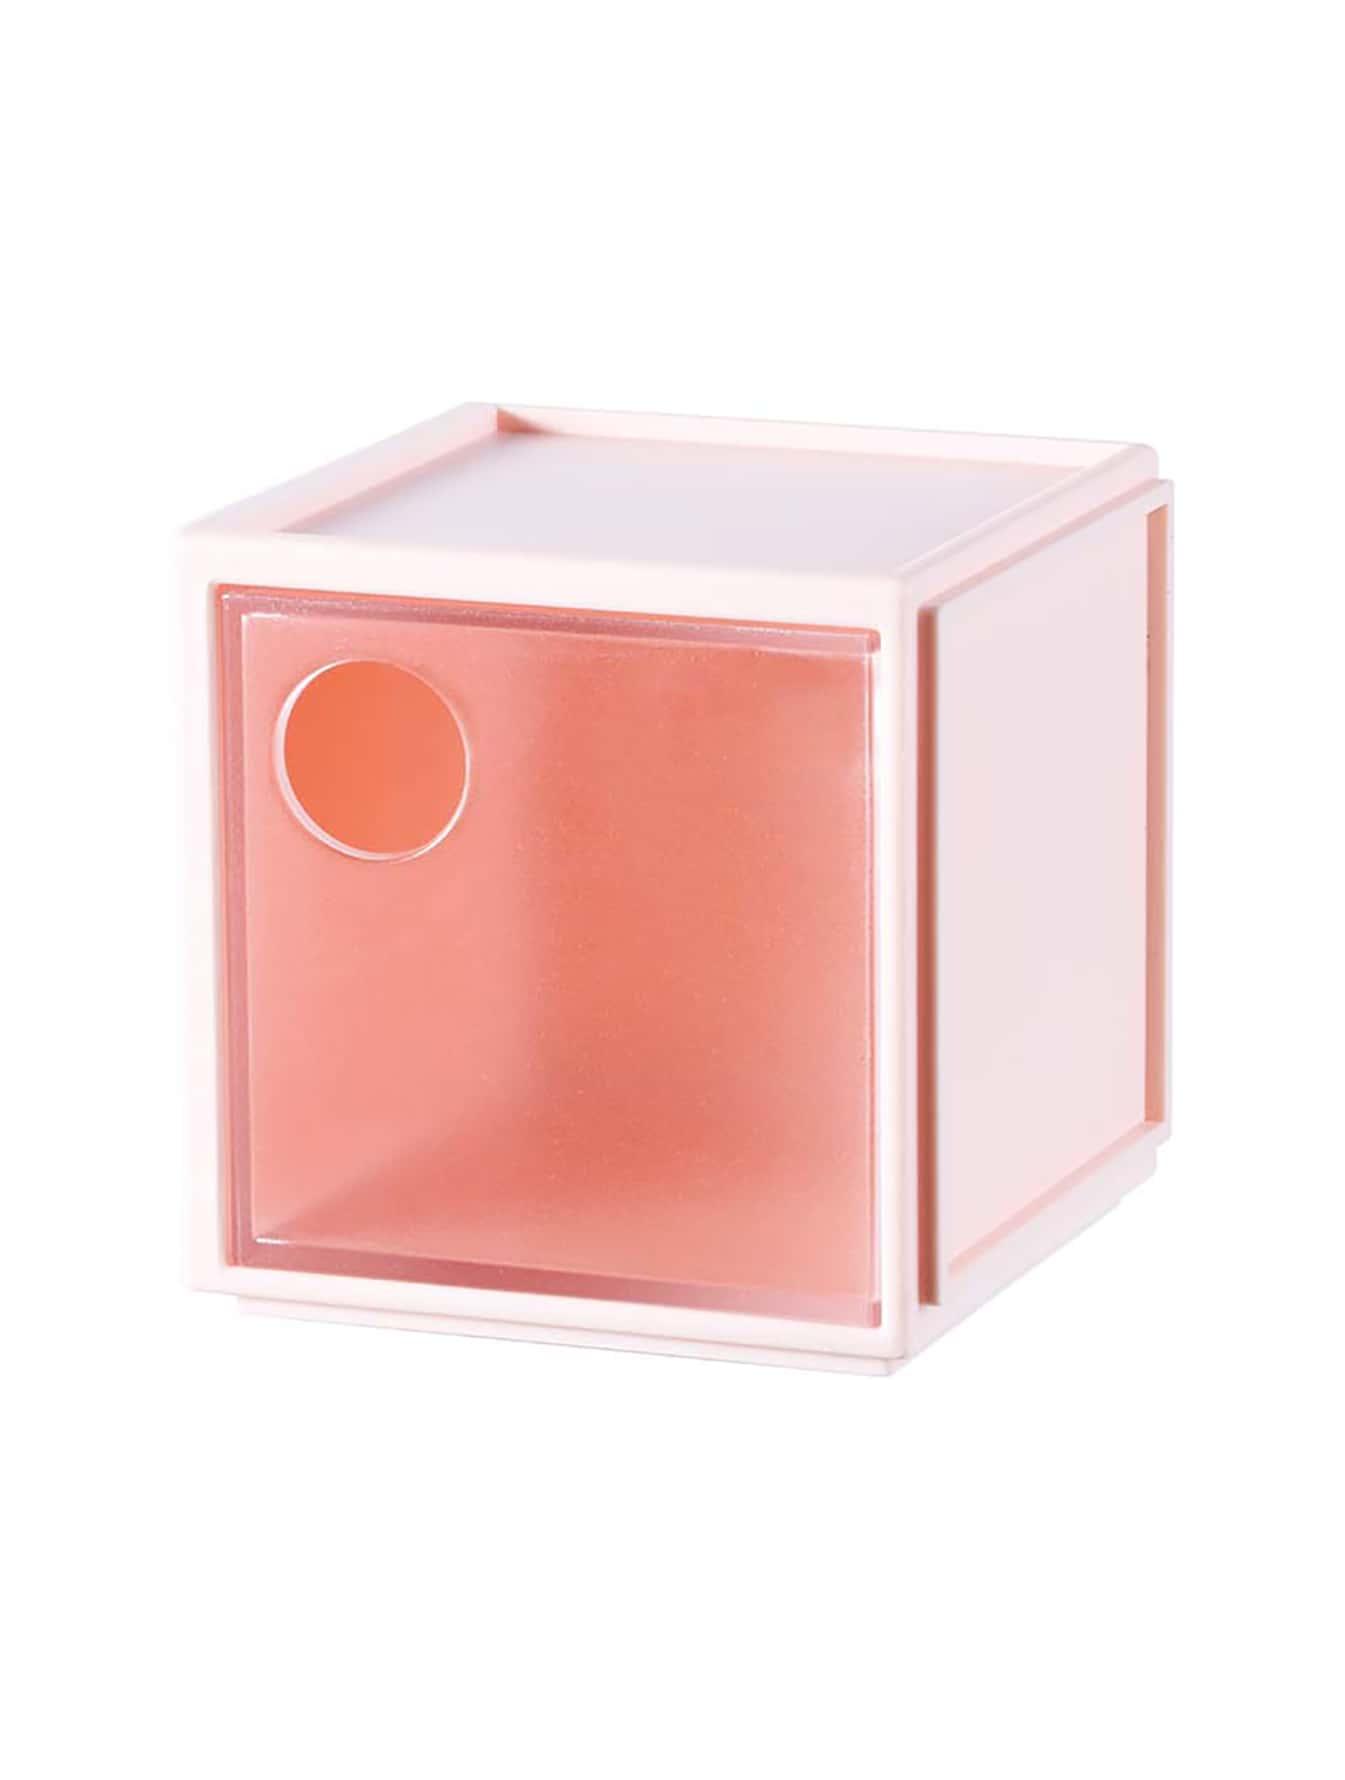 Купить Ящик для хранения с квадратным ящиком, null, SheIn